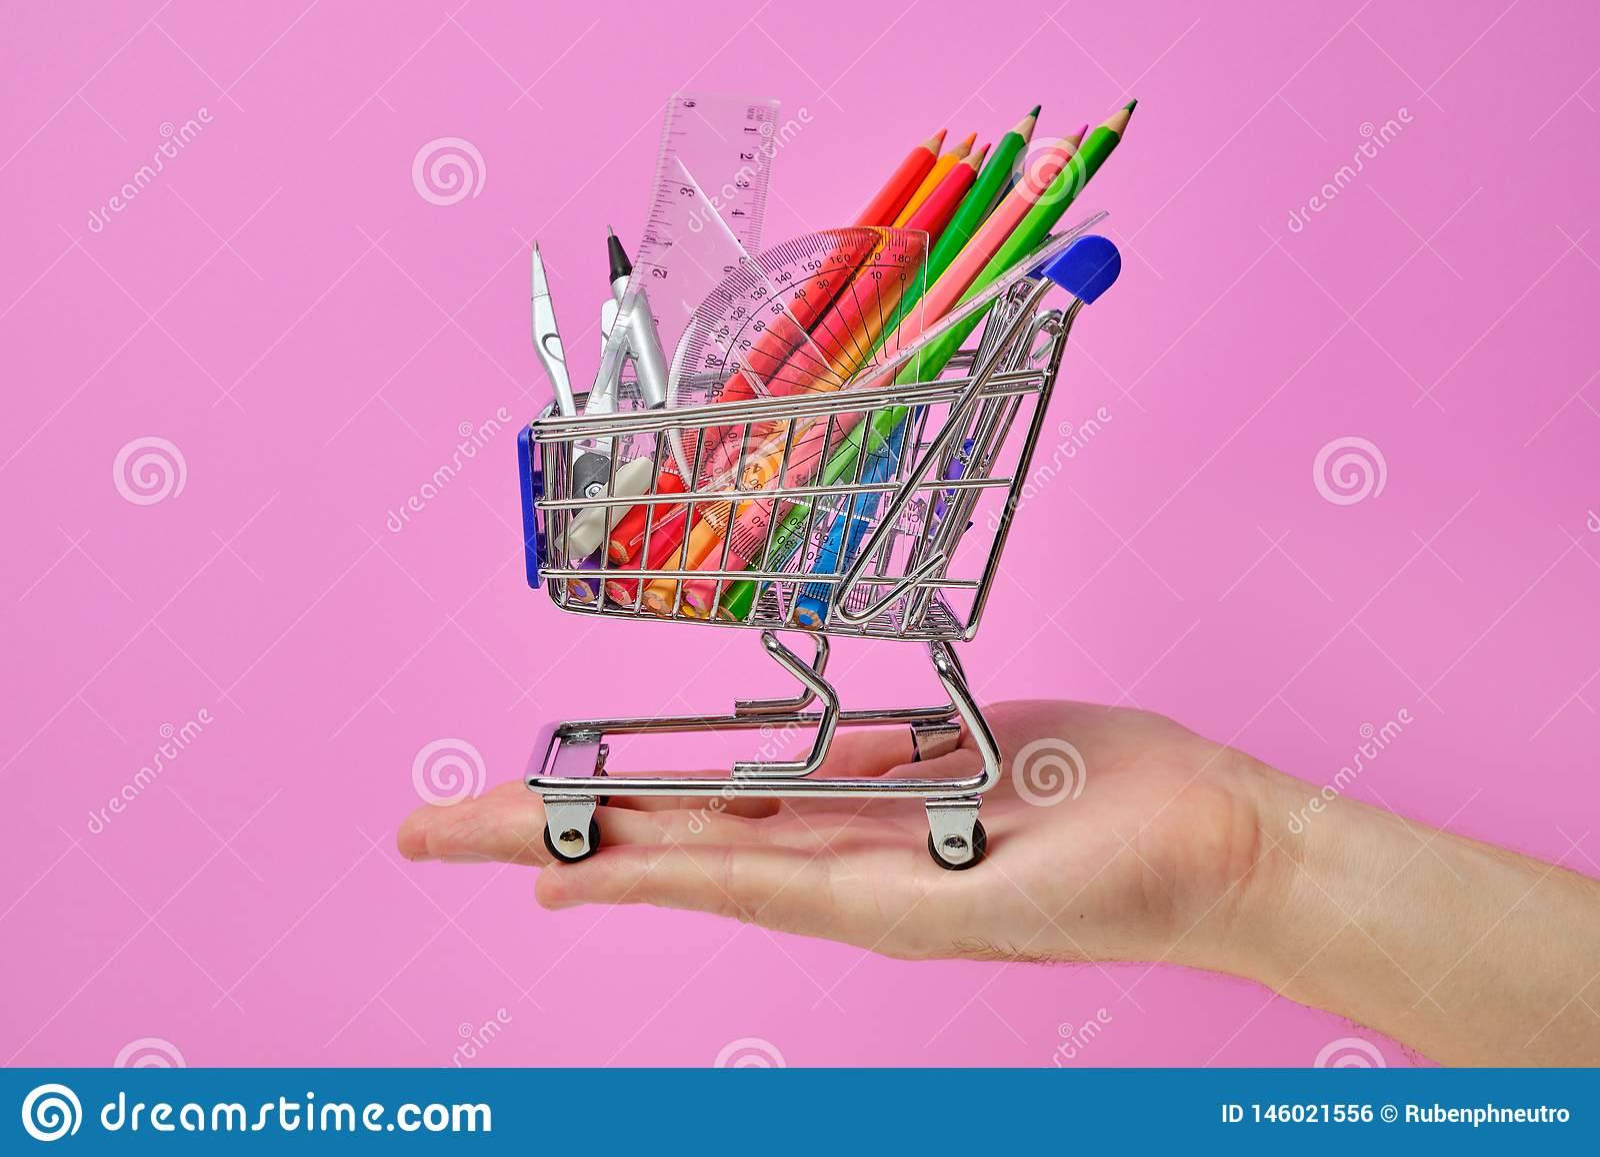 Wózek na zakupy z szkoła personelu mieniem w ręce